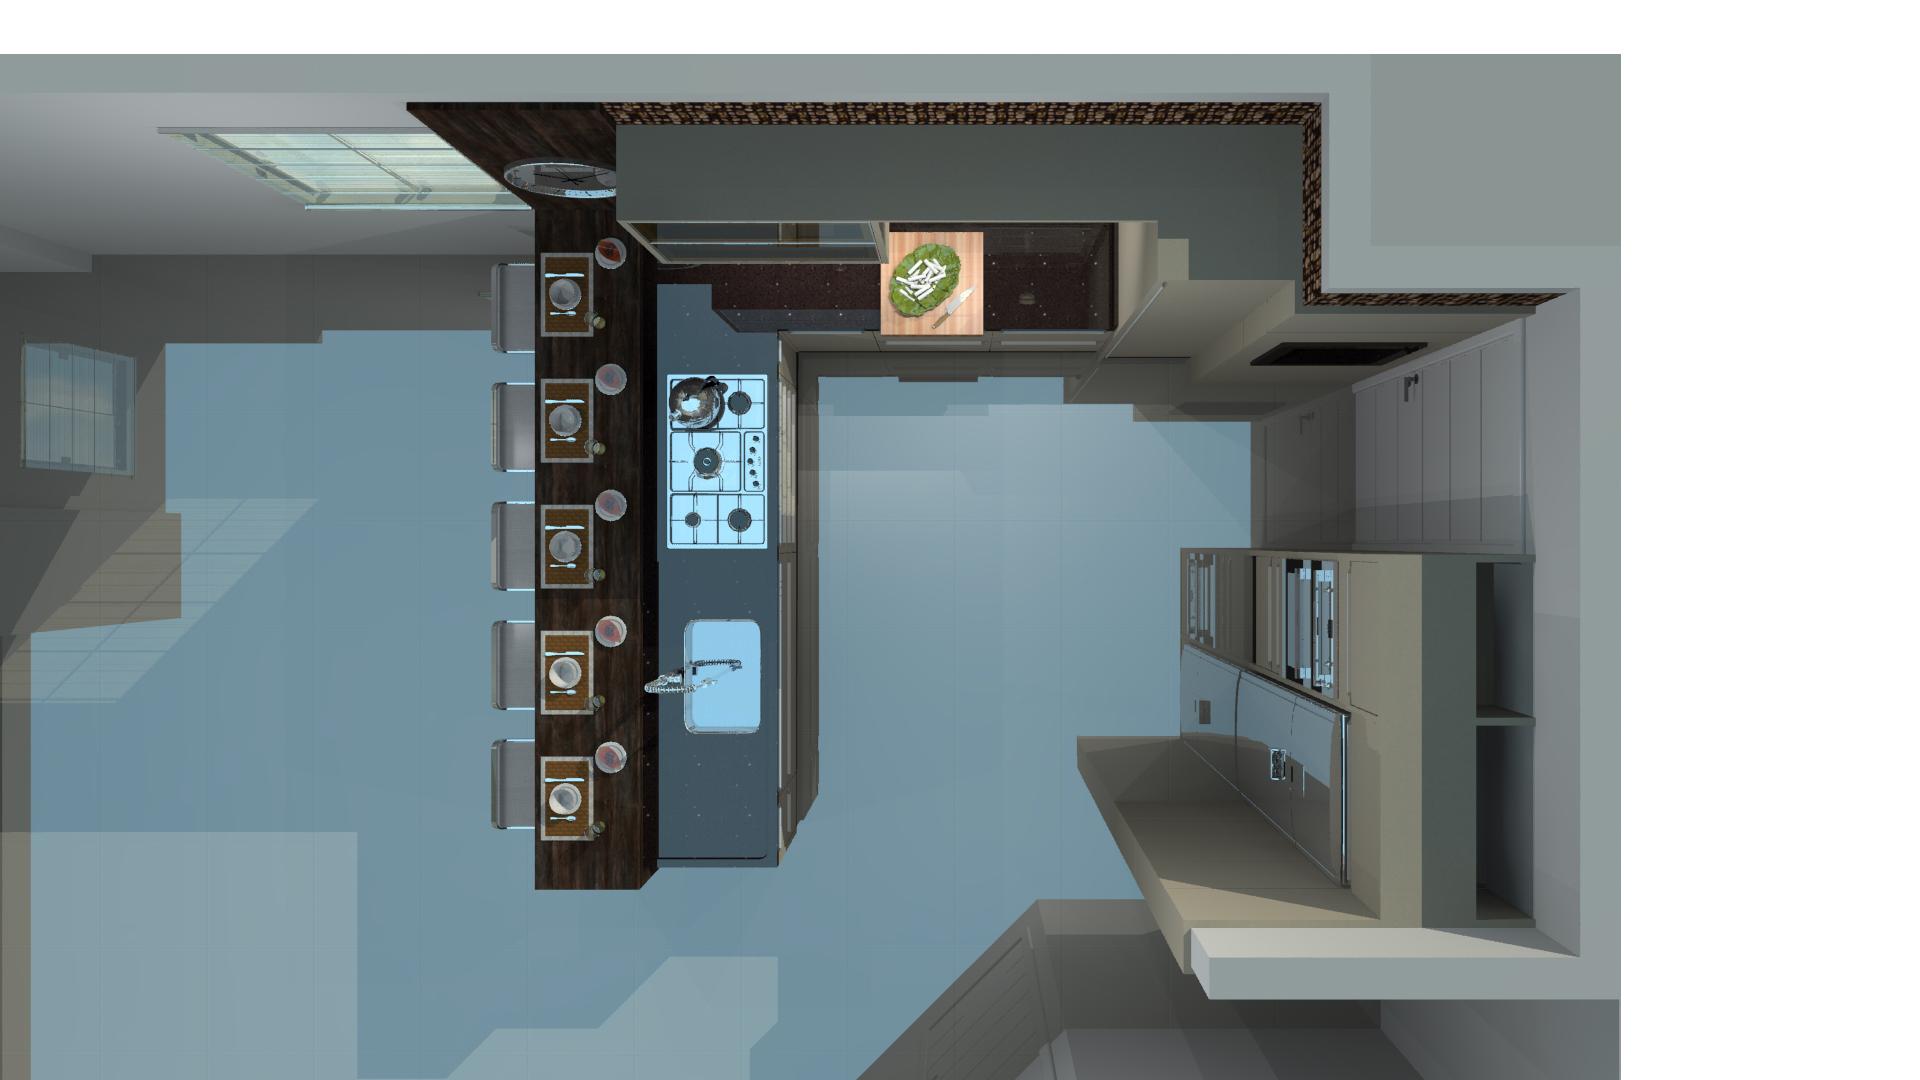 Cozinha 01 - 05